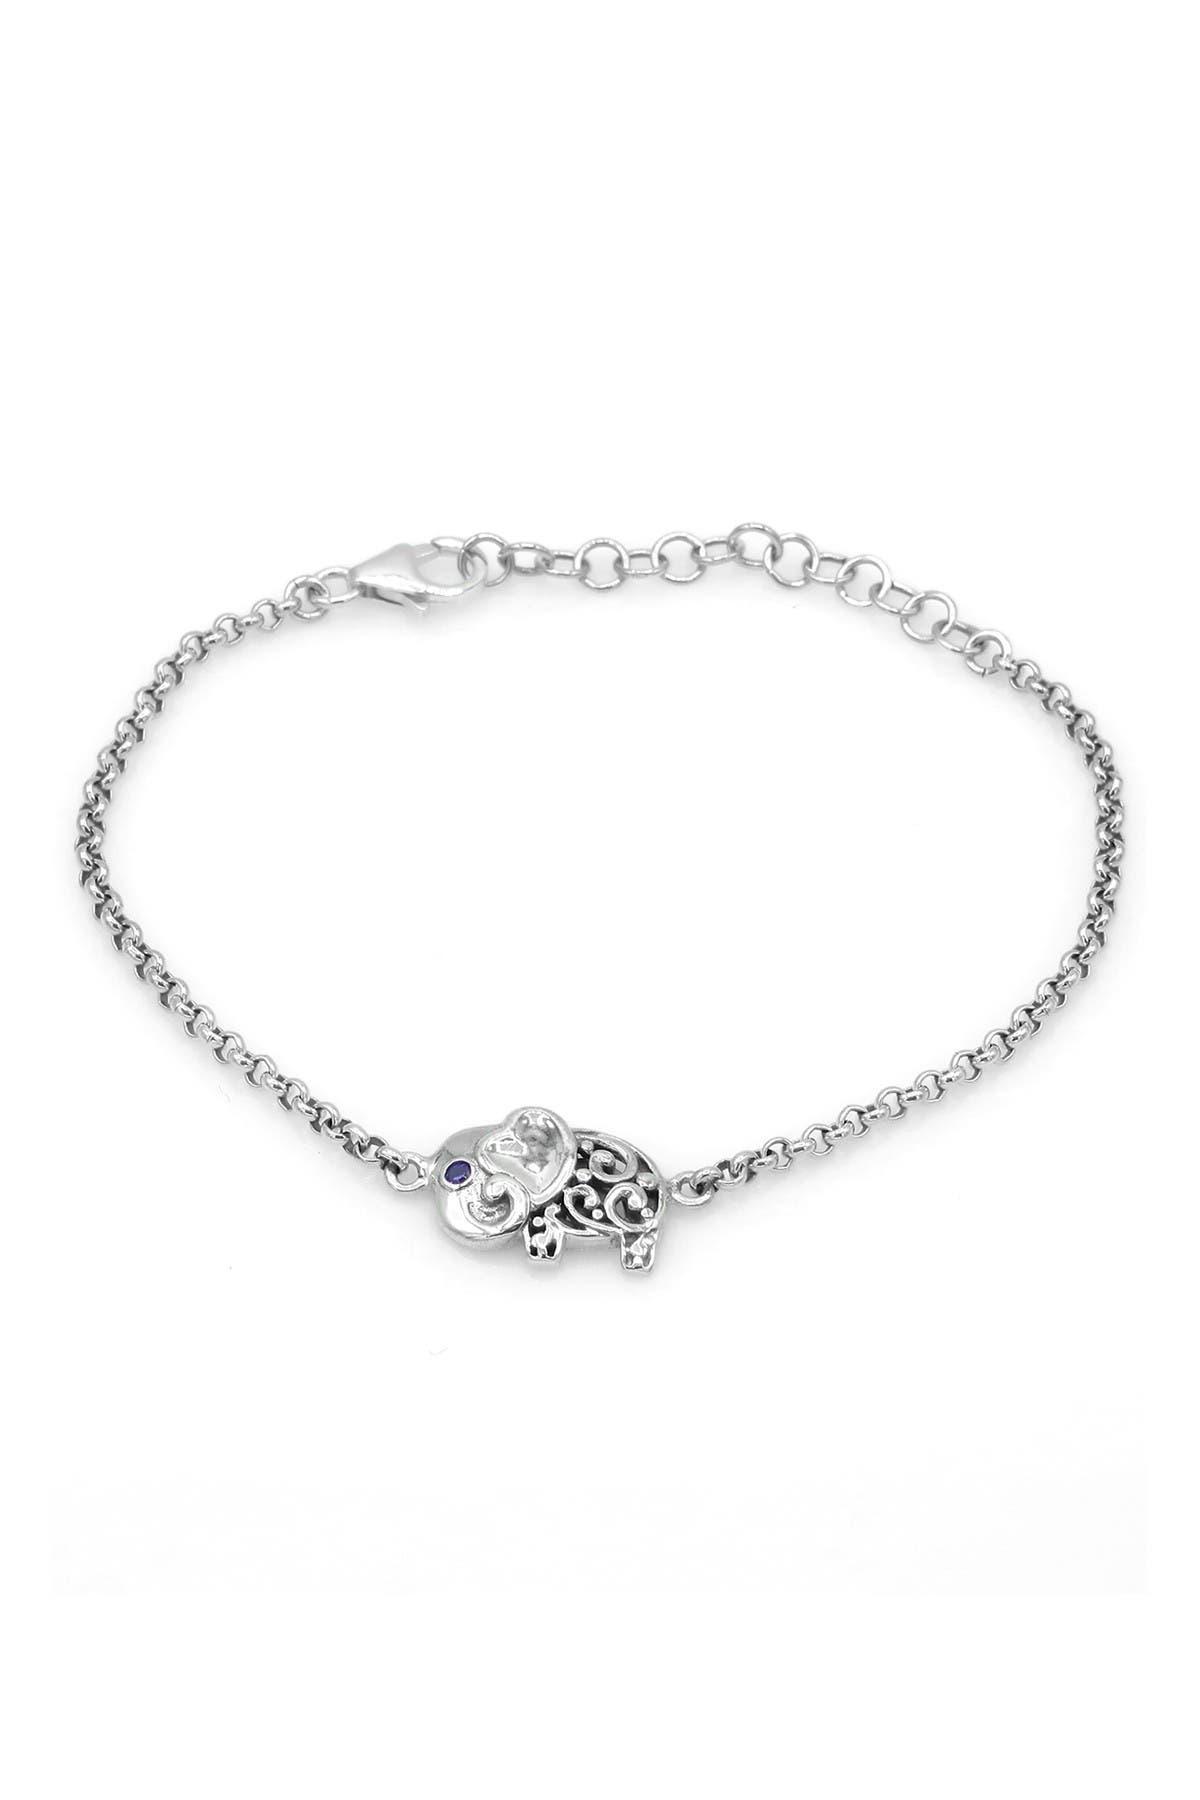 Image of DEVATA Sterling Silver Amethyst Filigree Elephant Station Bracelet